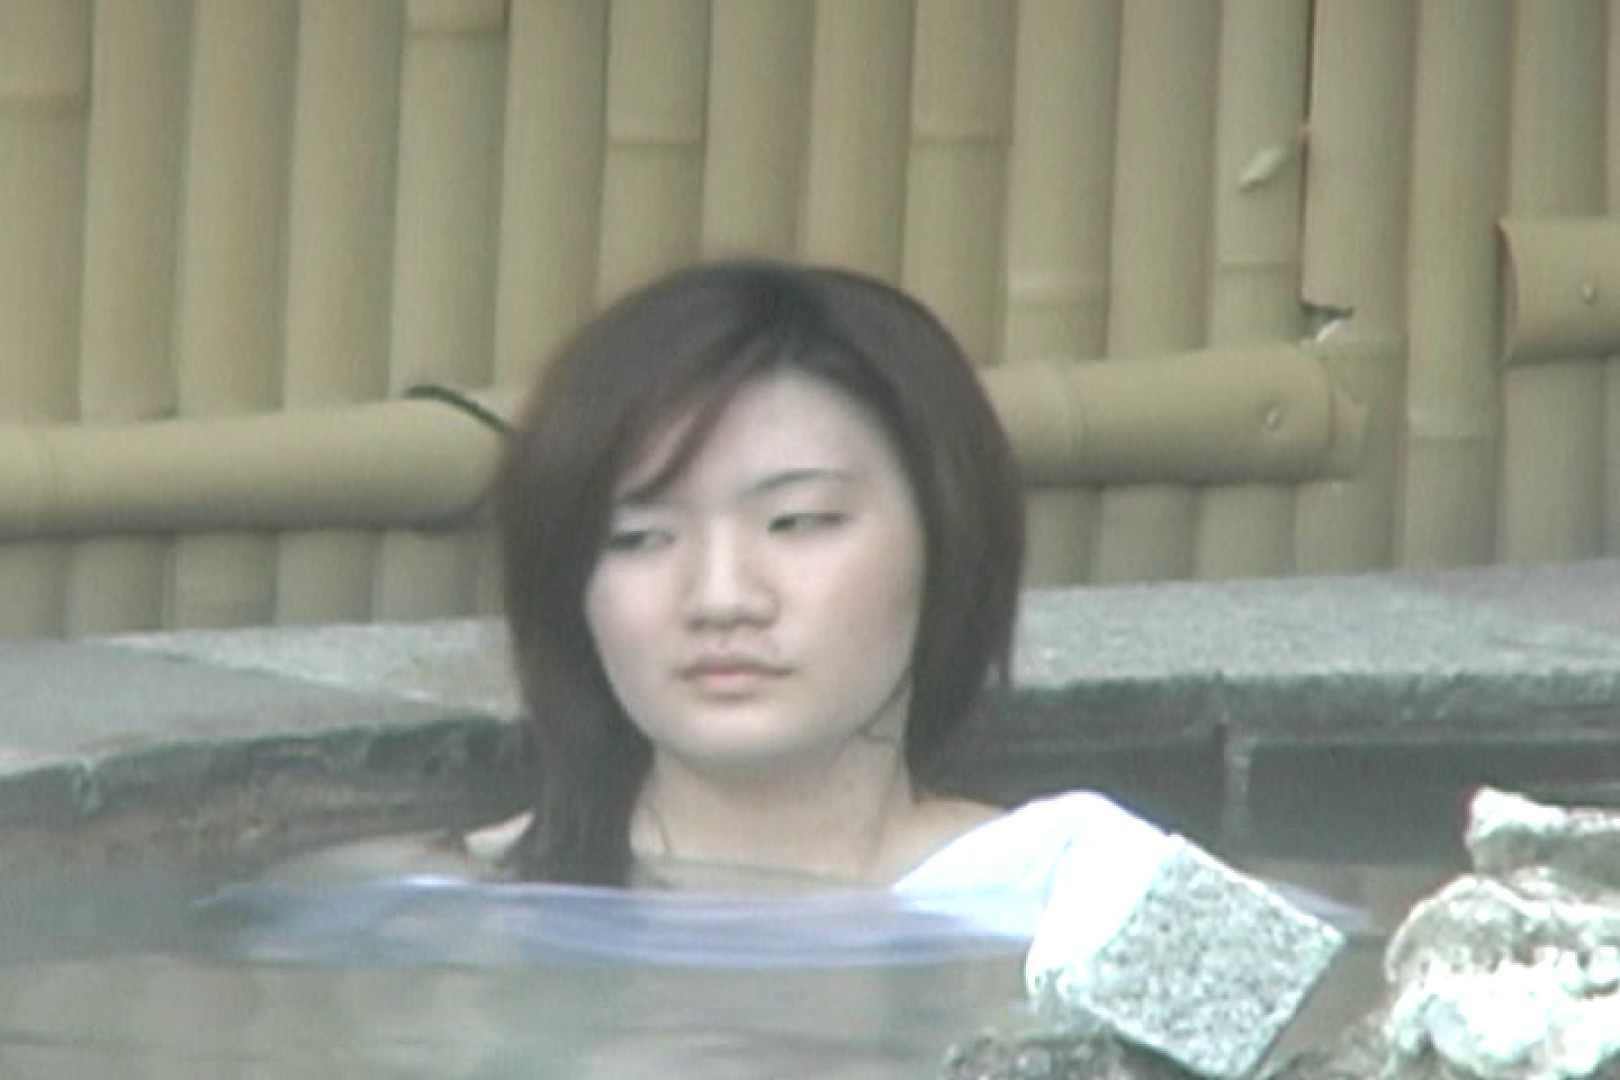 Aquaな露天風呂Vol.590 OLエロ画像   盗撮  50PICs 25